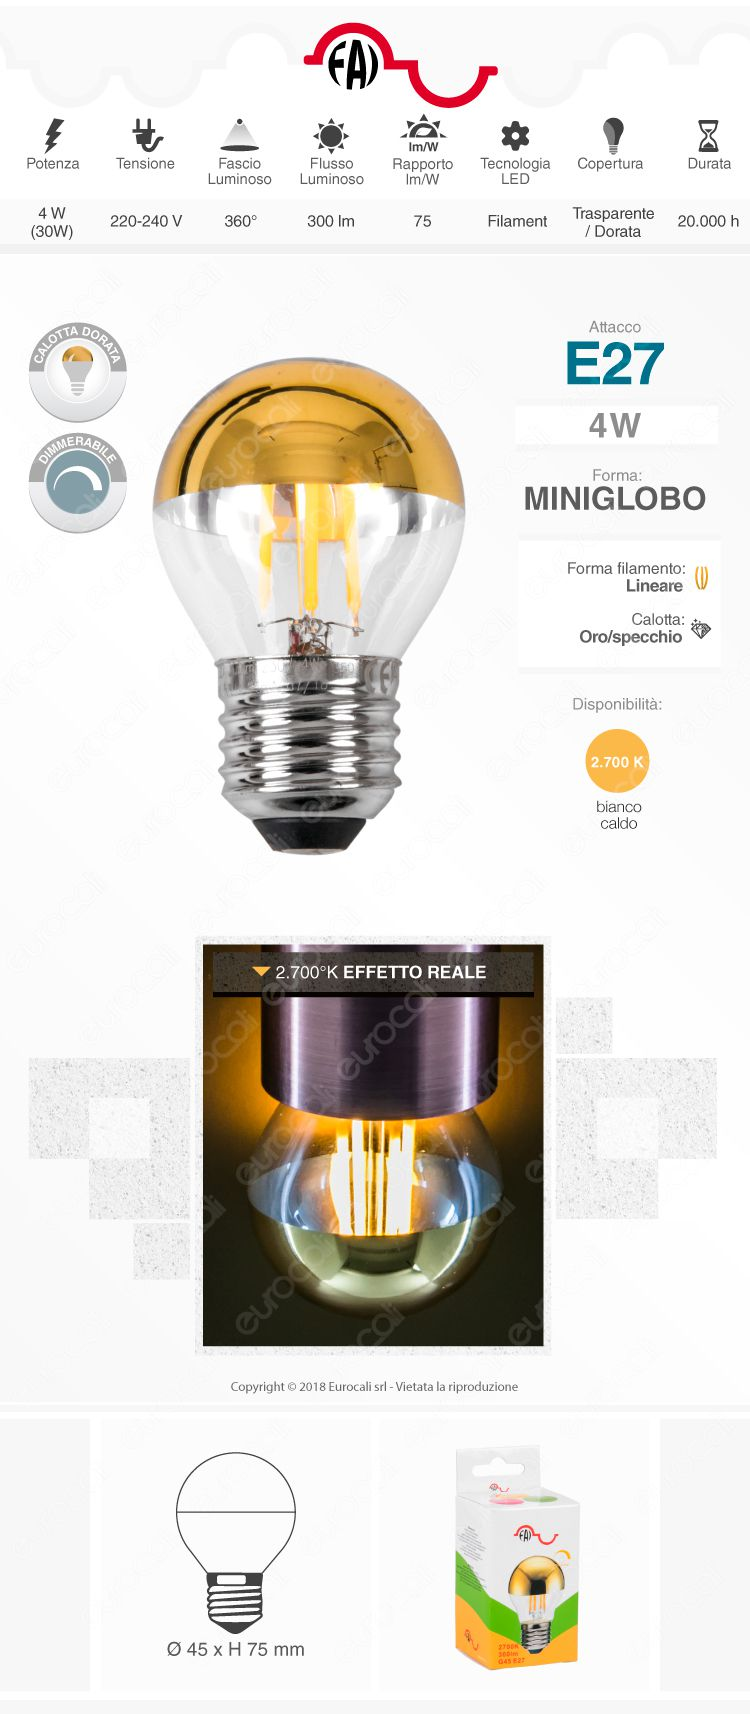 Lampadina LED E27 Filamenti FAI 4W MiniGlobo G45 con Calotta Dorata Dimmerabile